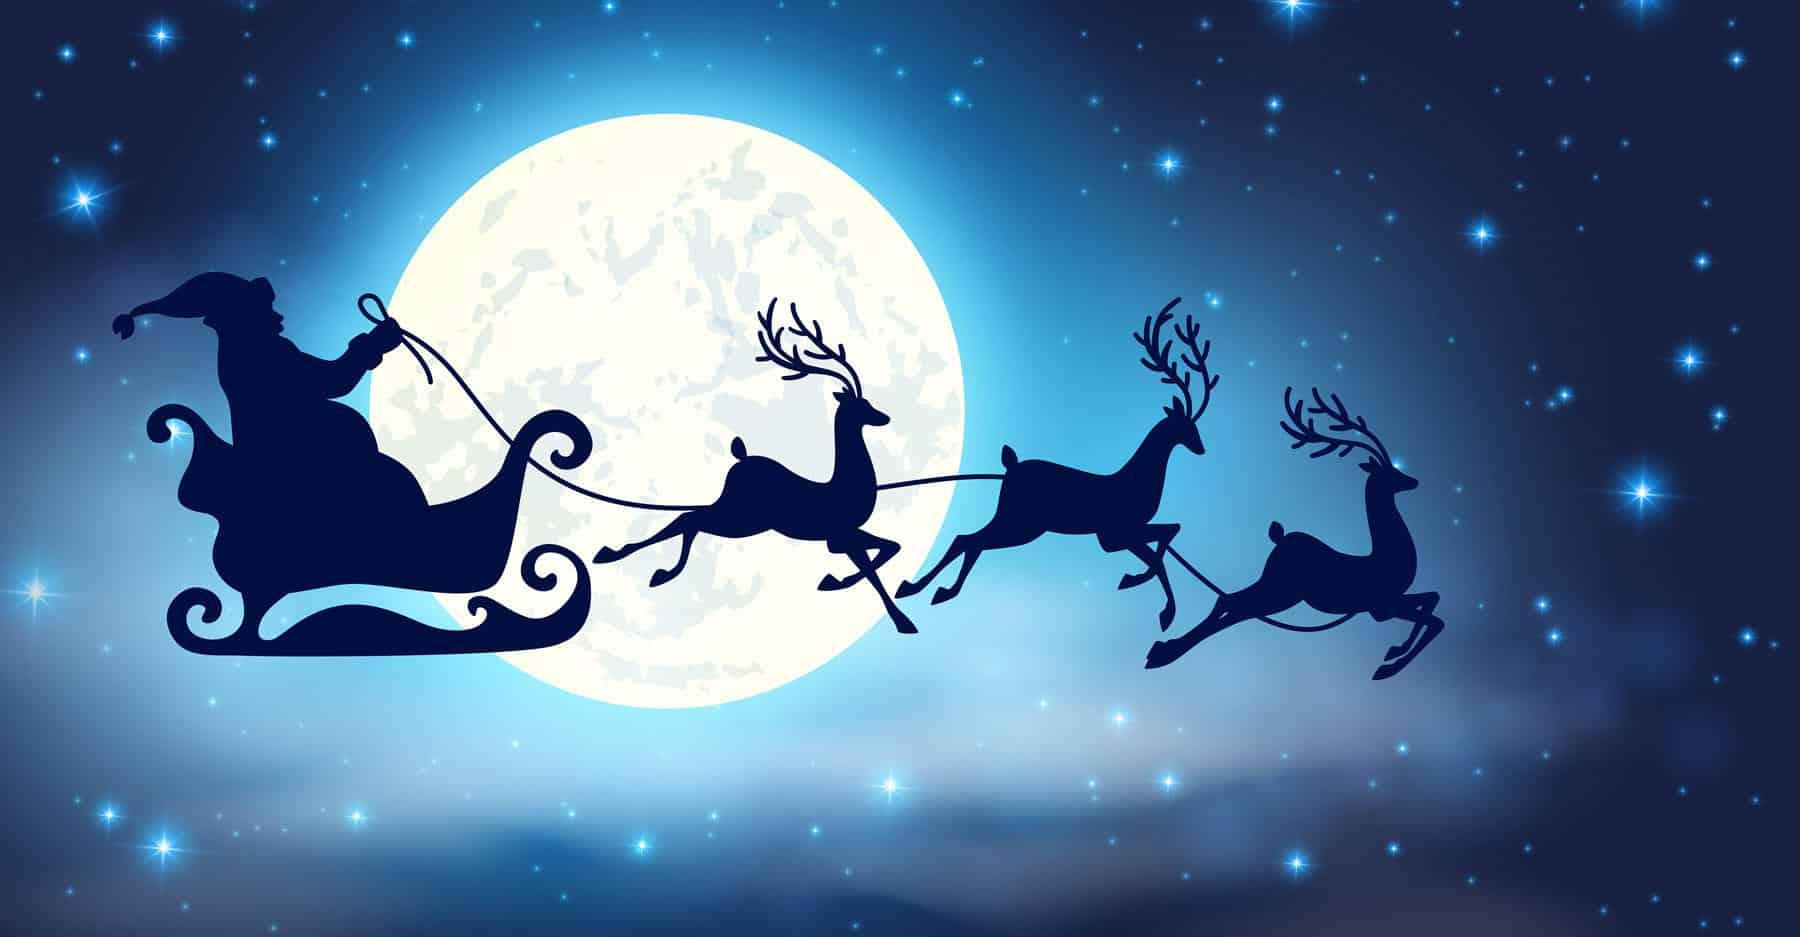 christmas-moon-banner-1212